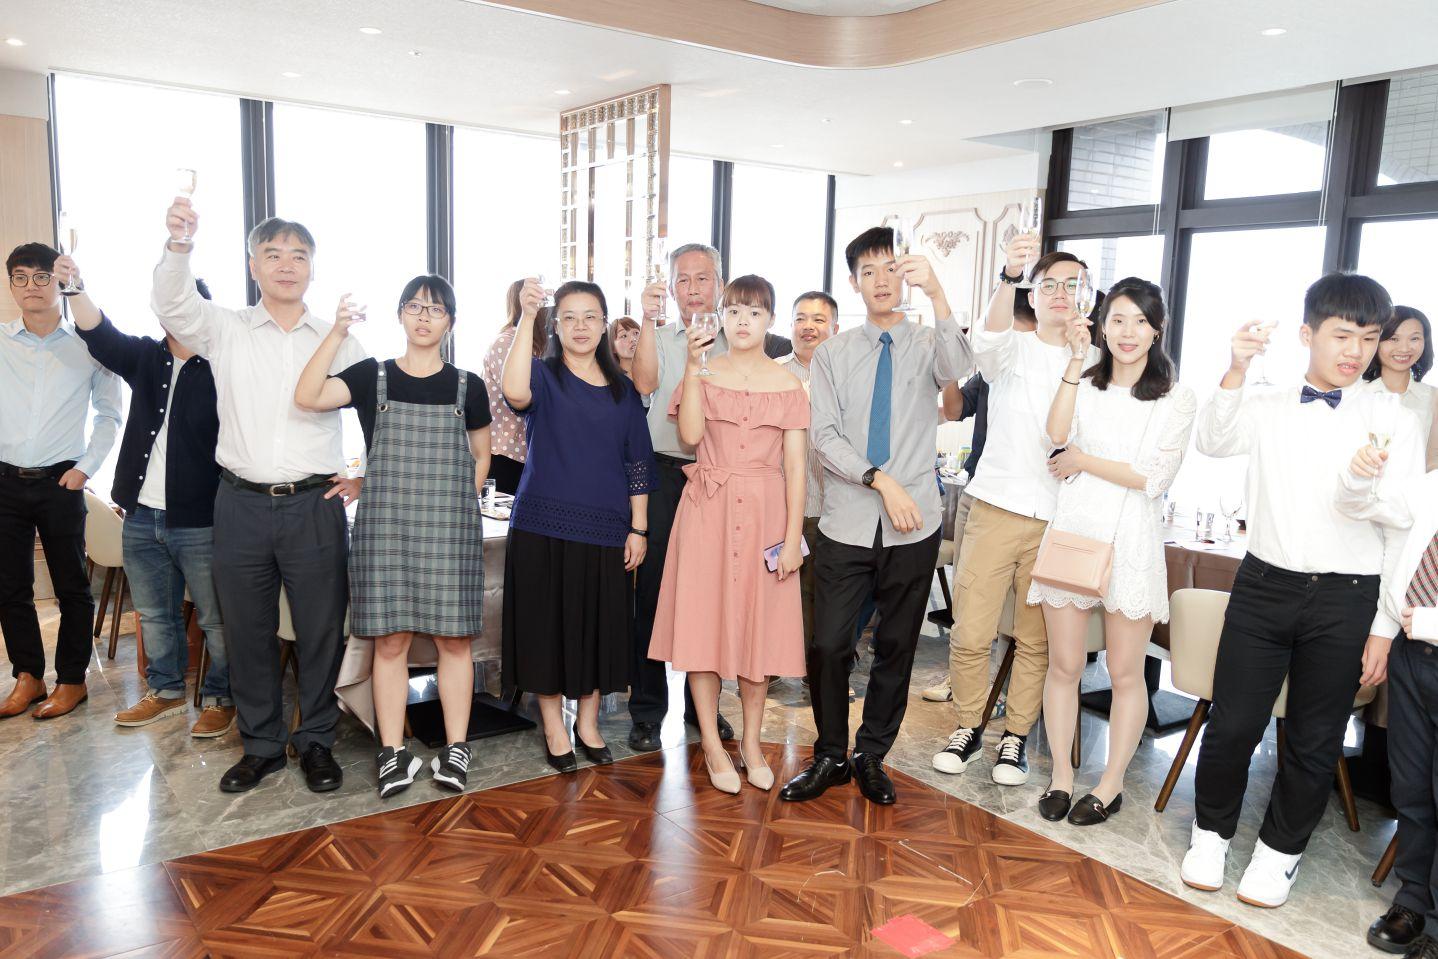 婚禮攝影-婚禮紀錄-Keith&Lia@村卻國際溫泉酒店-196